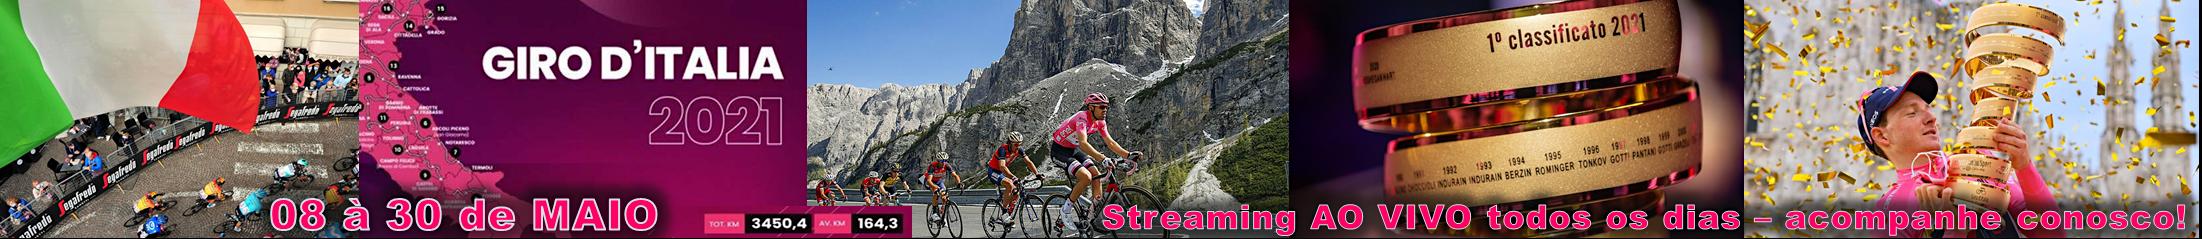 Banner Giro D'Italia 2021